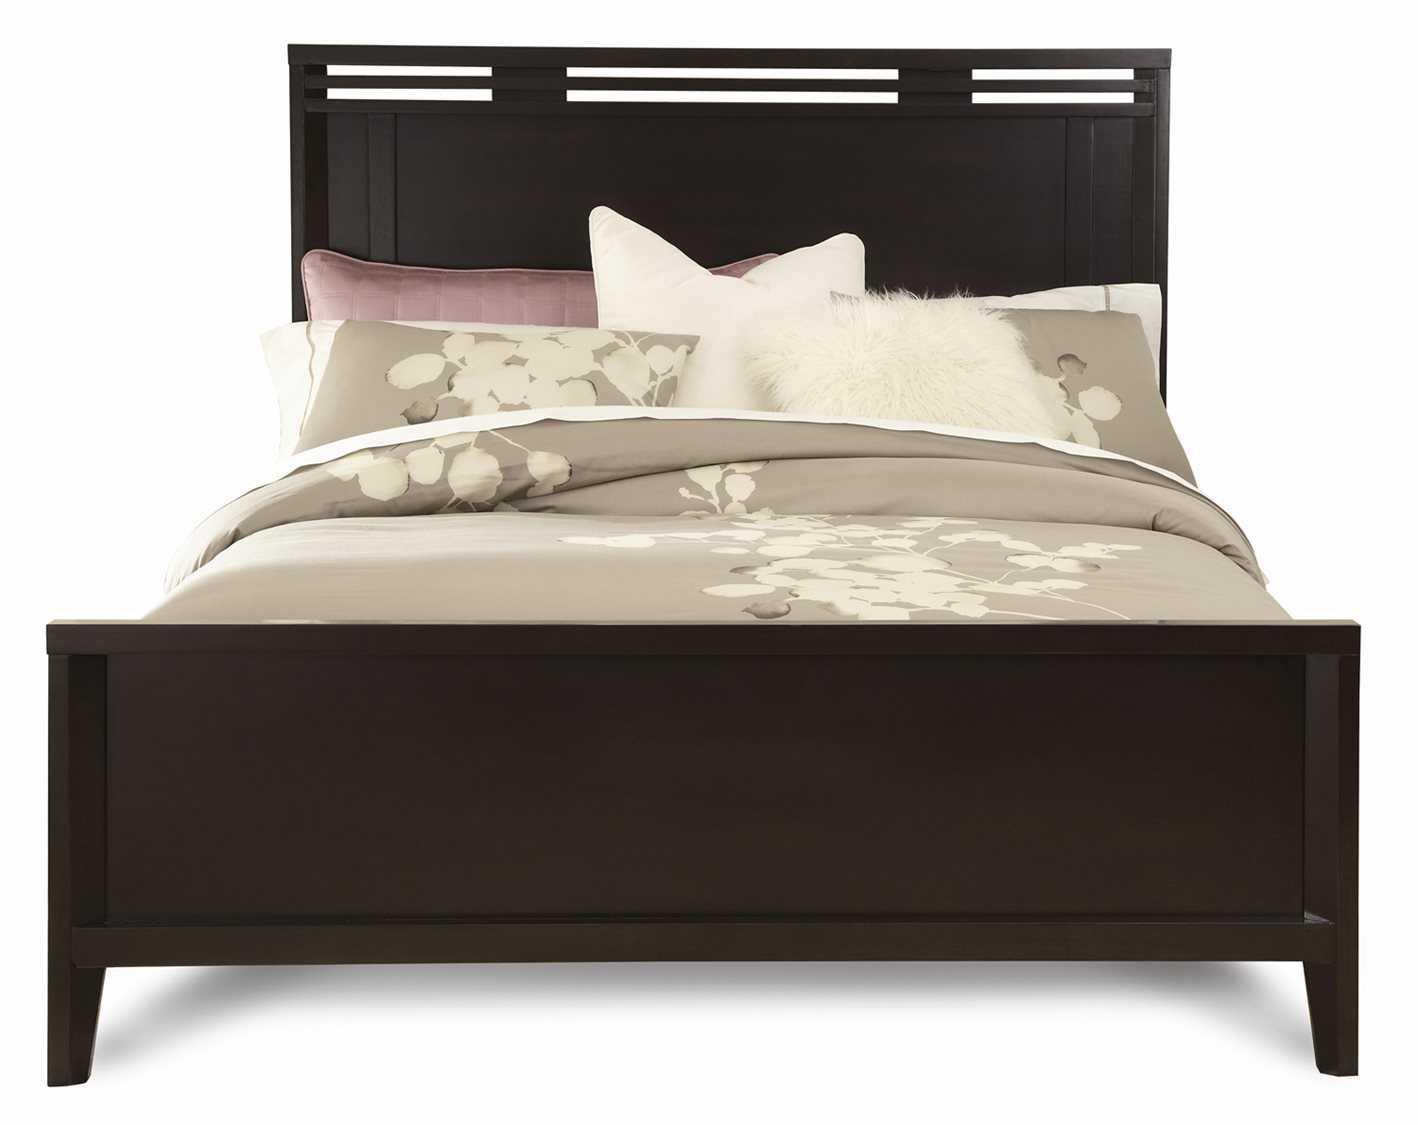 casana beckett queen wood panel bed cx355941kq